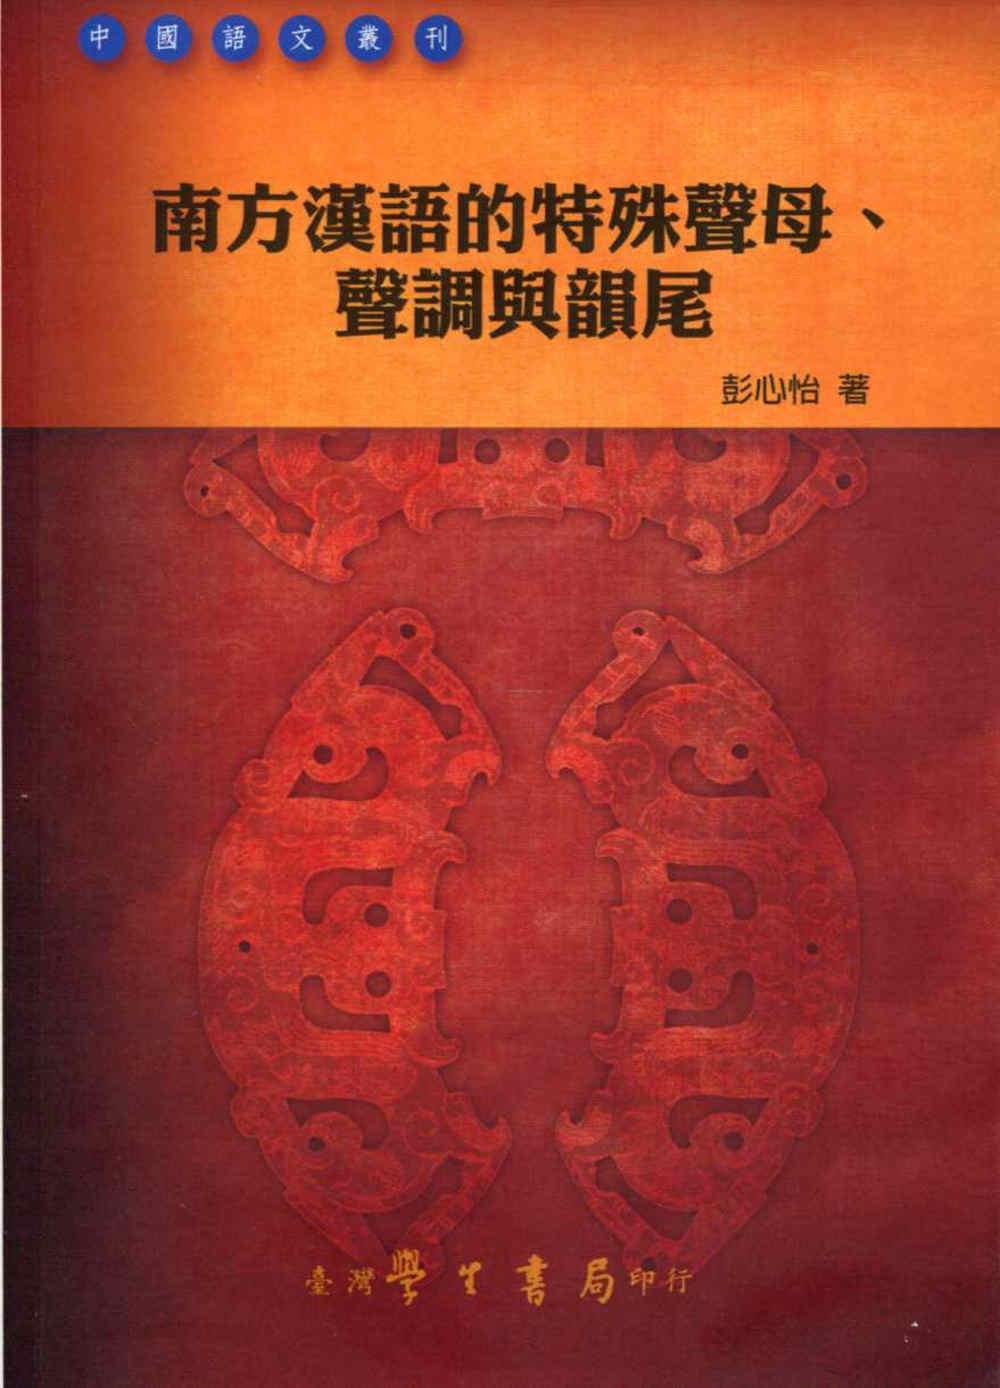 南方漢語的特殊聲母、聲調與韻尾...